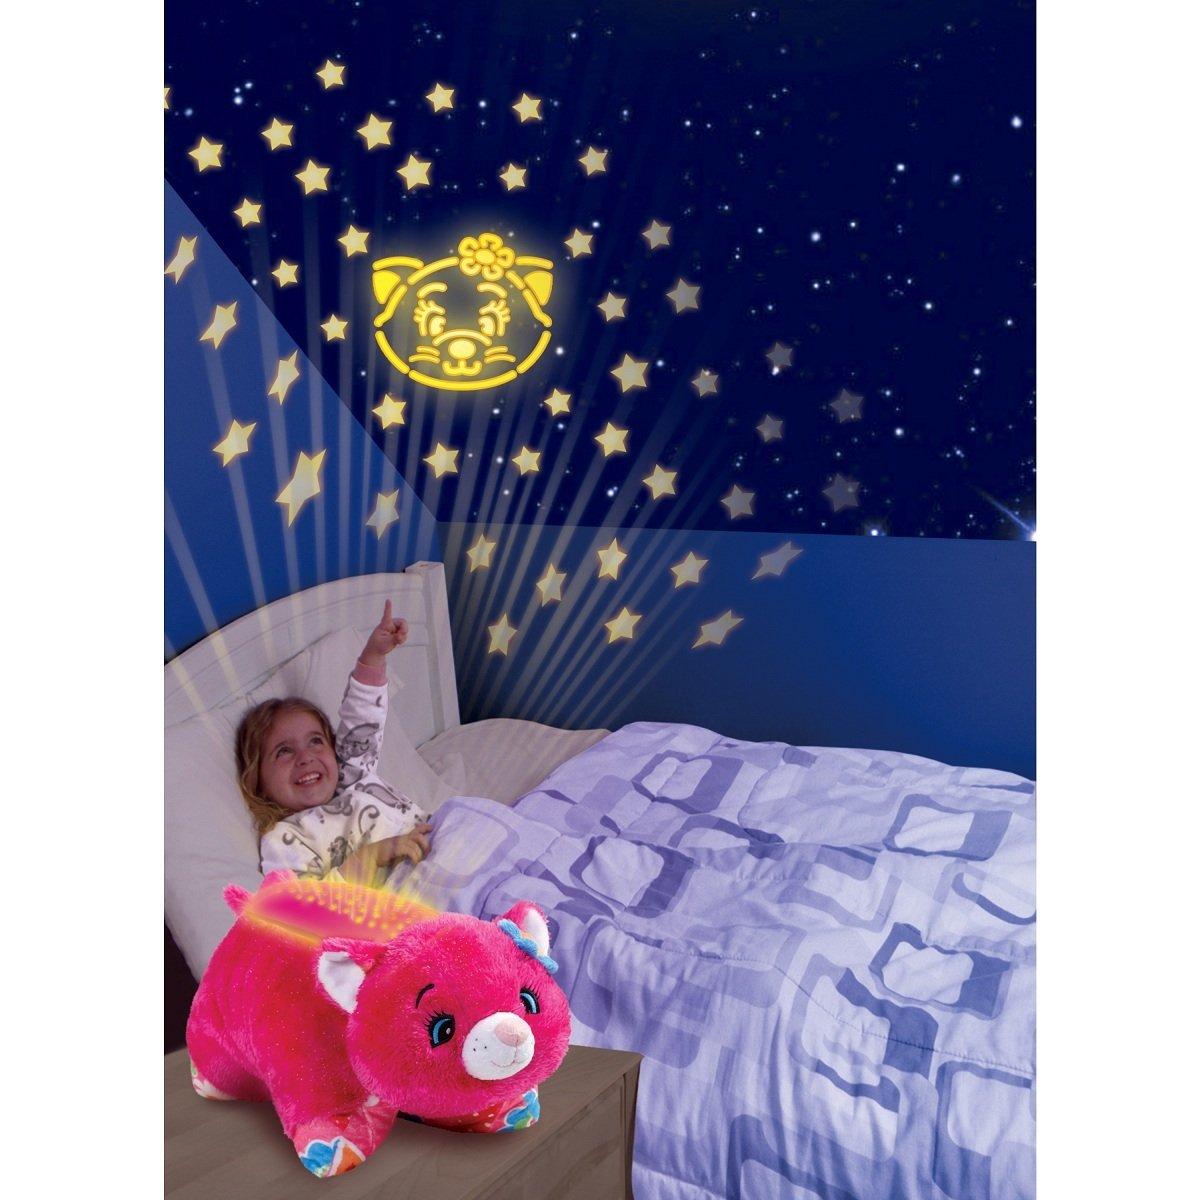 夜燈 - 貓 (28cm x 16cm x 12cm) - CJ5617DL